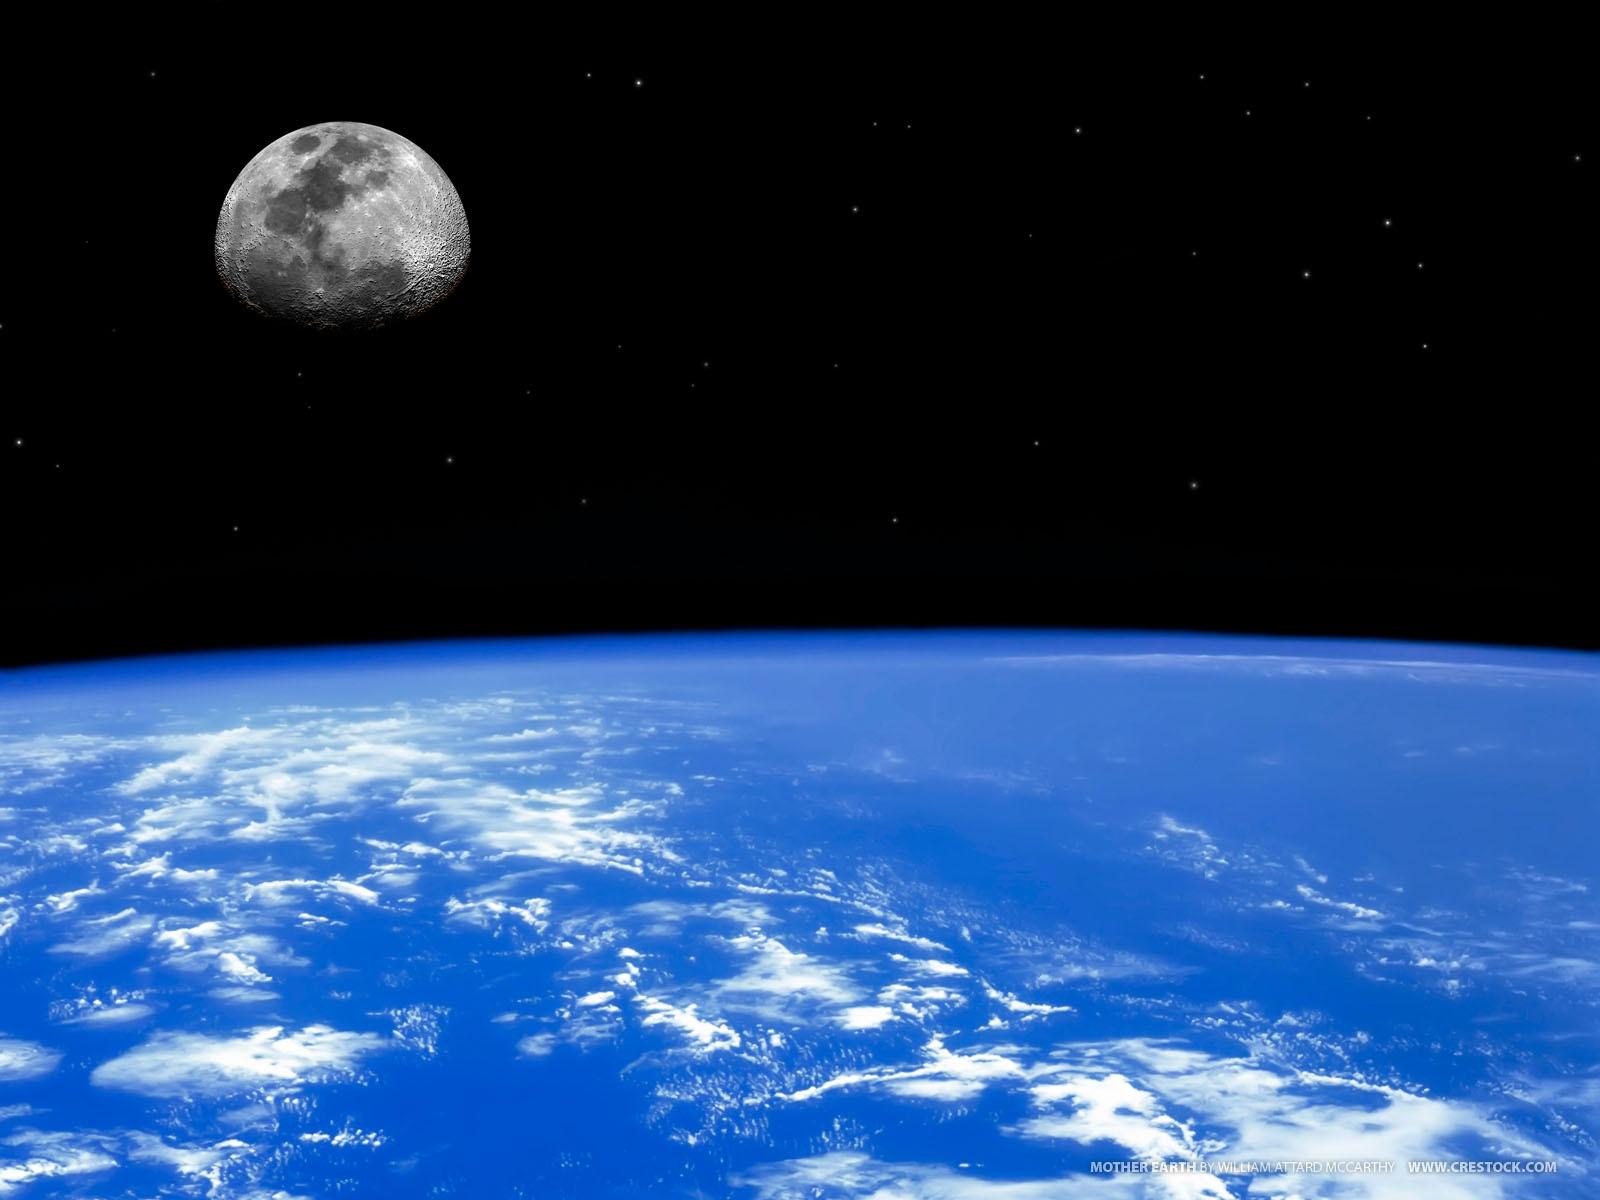 http://4.bp.blogspot.com/-0GfmviBxX04/TcuBbRiIntI/AAAAAAAAAeo/M9y6eyfoTh0/s1600/blue_earth_wallpaper.jpg